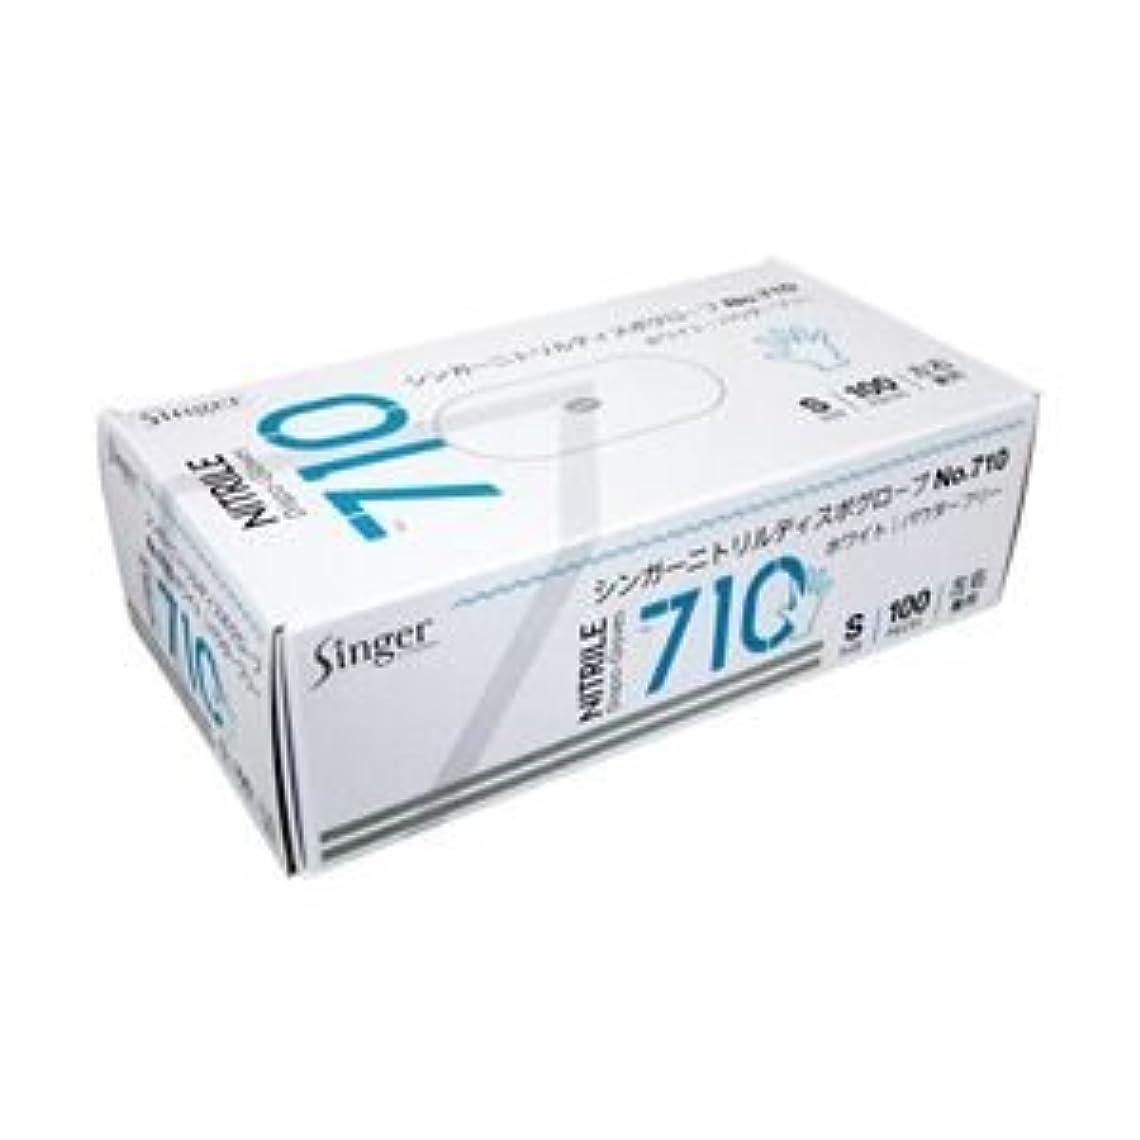 作成者つまずく創始者宇都宮製作 ニトリル手袋710 粉なし S 1箱(100枚) ×5セット